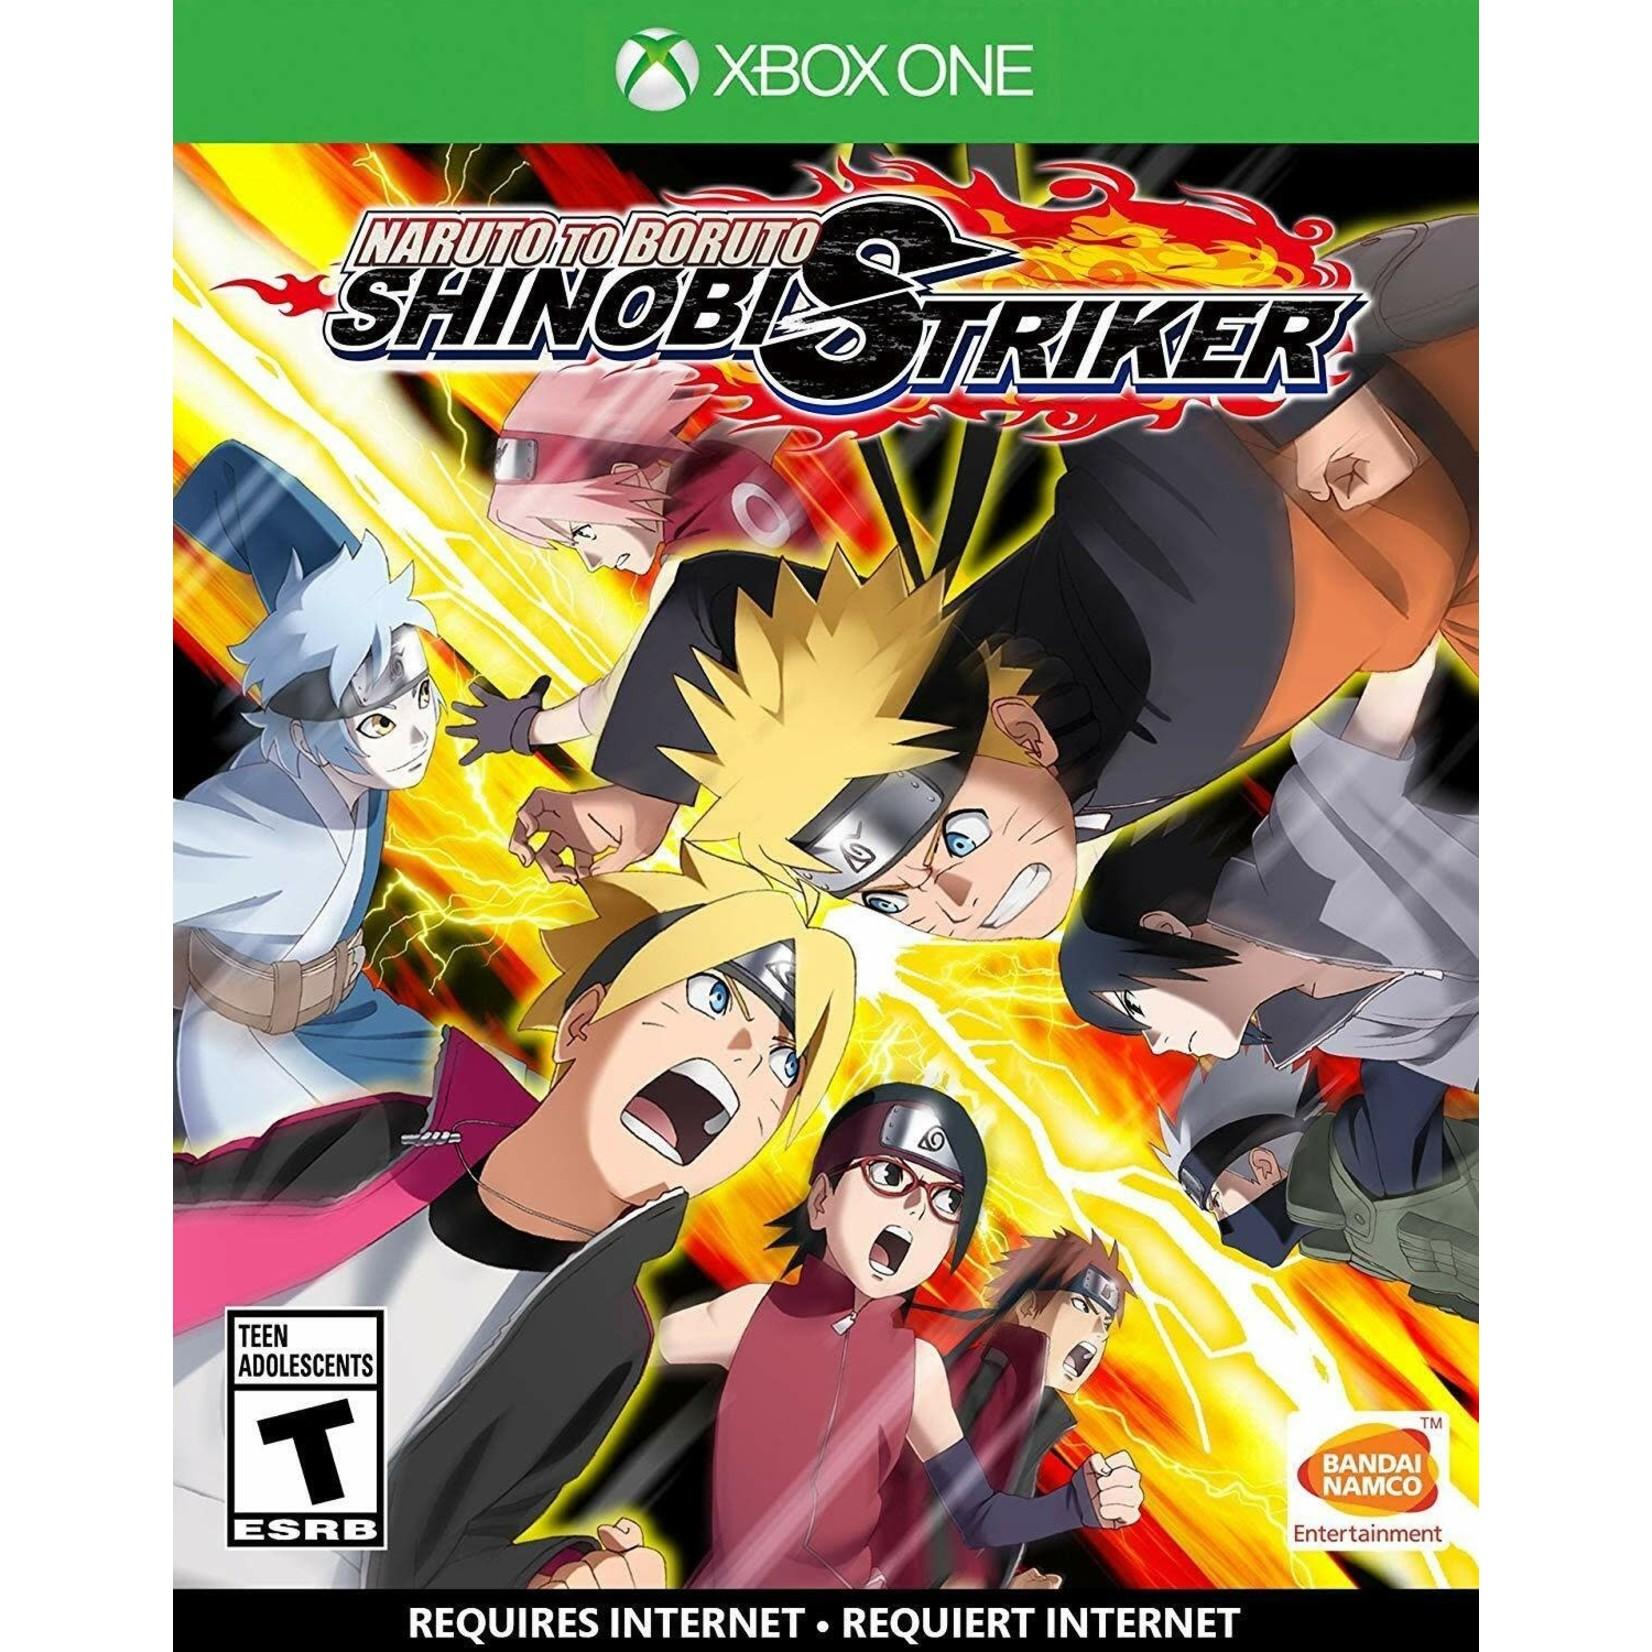 Xb1u-Naruto to Boruto: Shinobi Striker